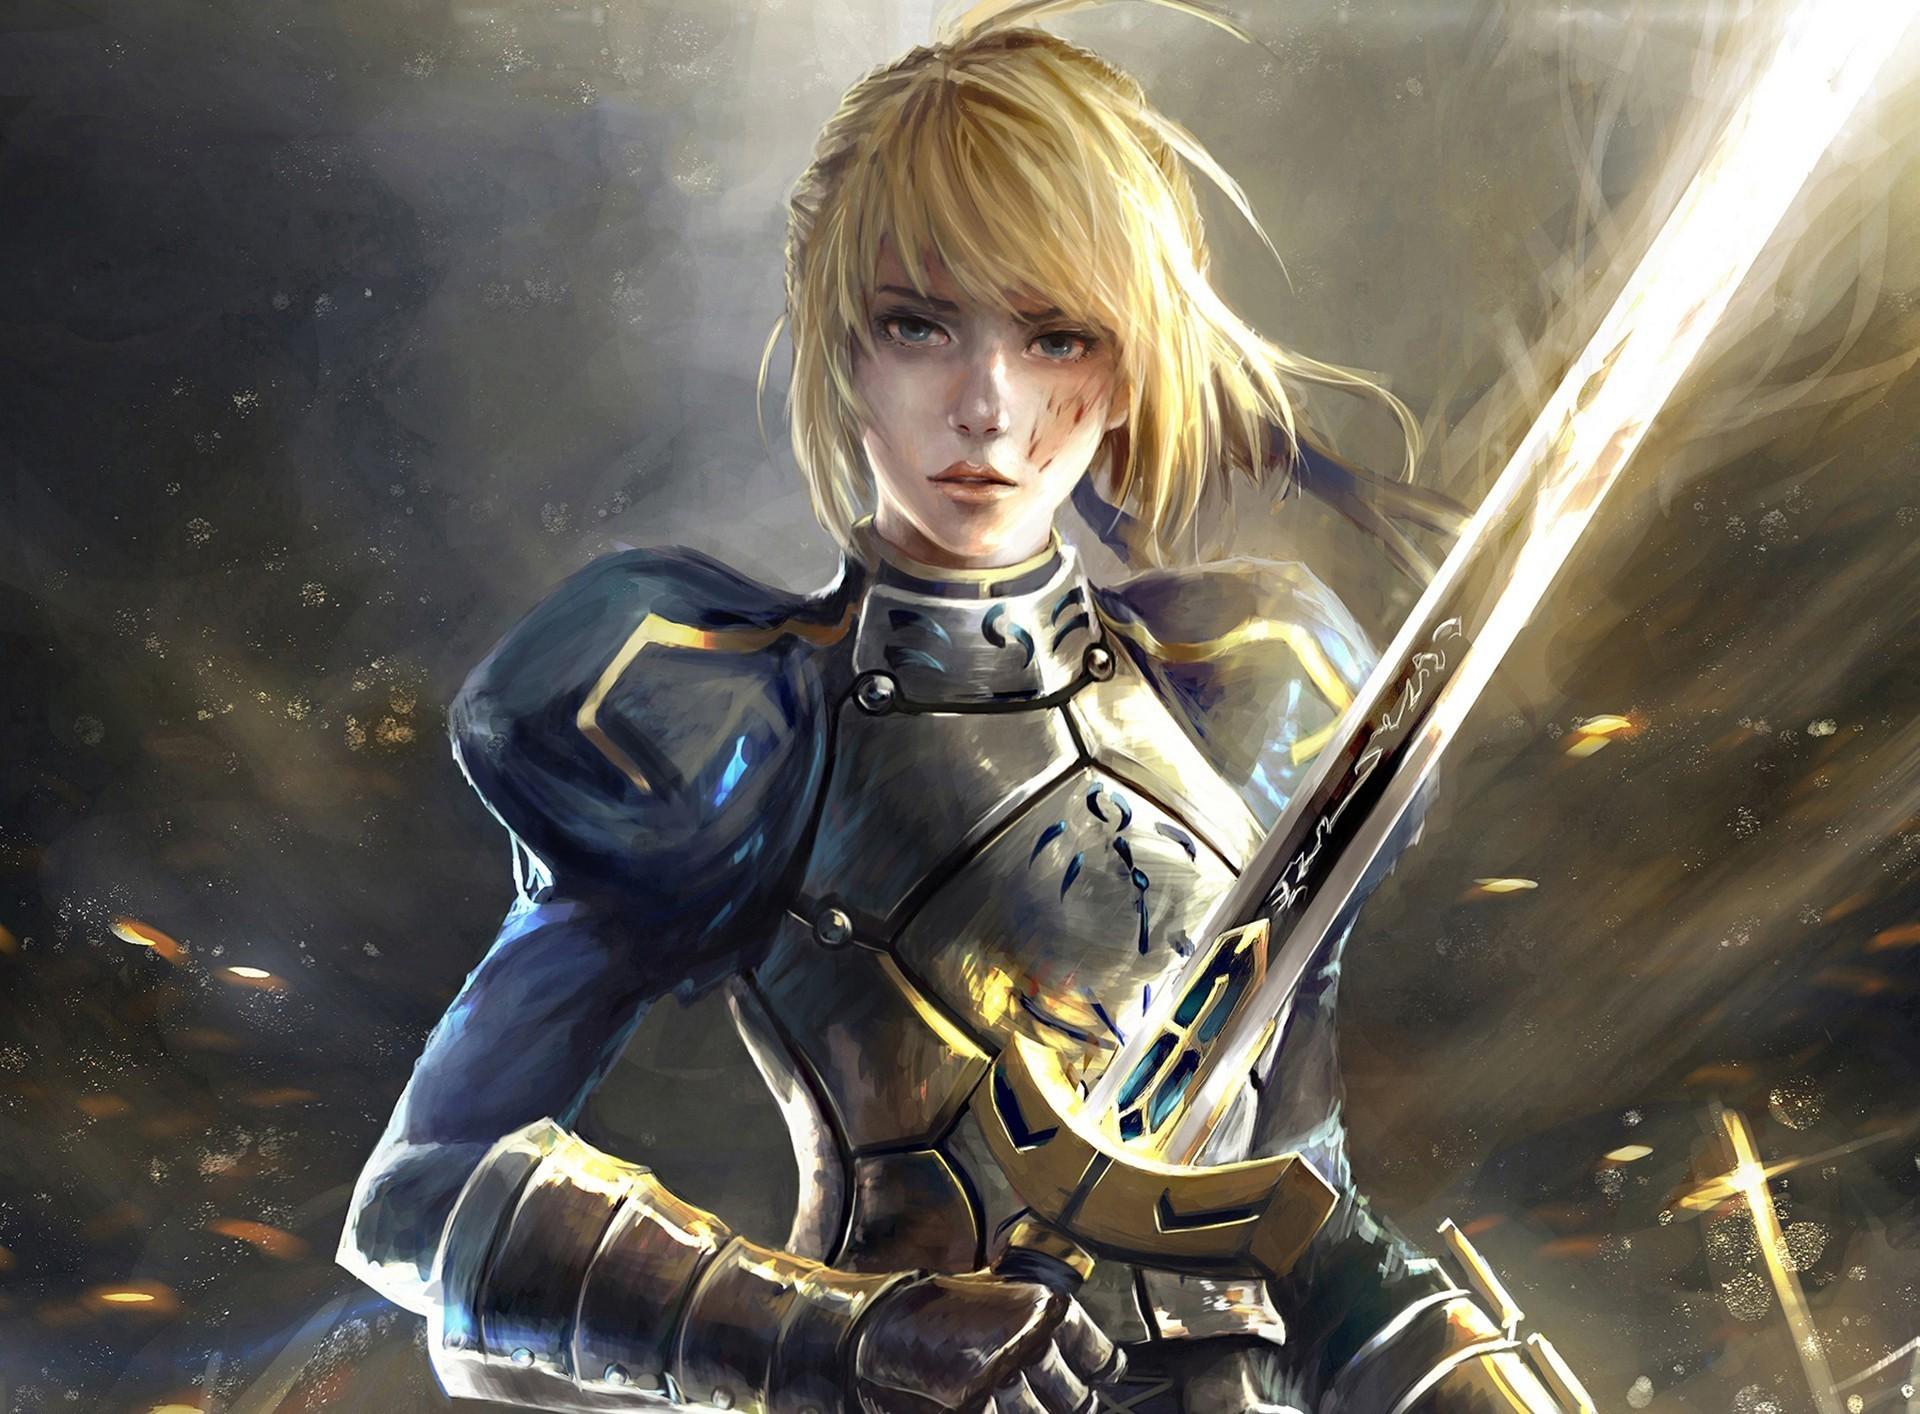 wallpaper women fantasy art blonde anime artwork